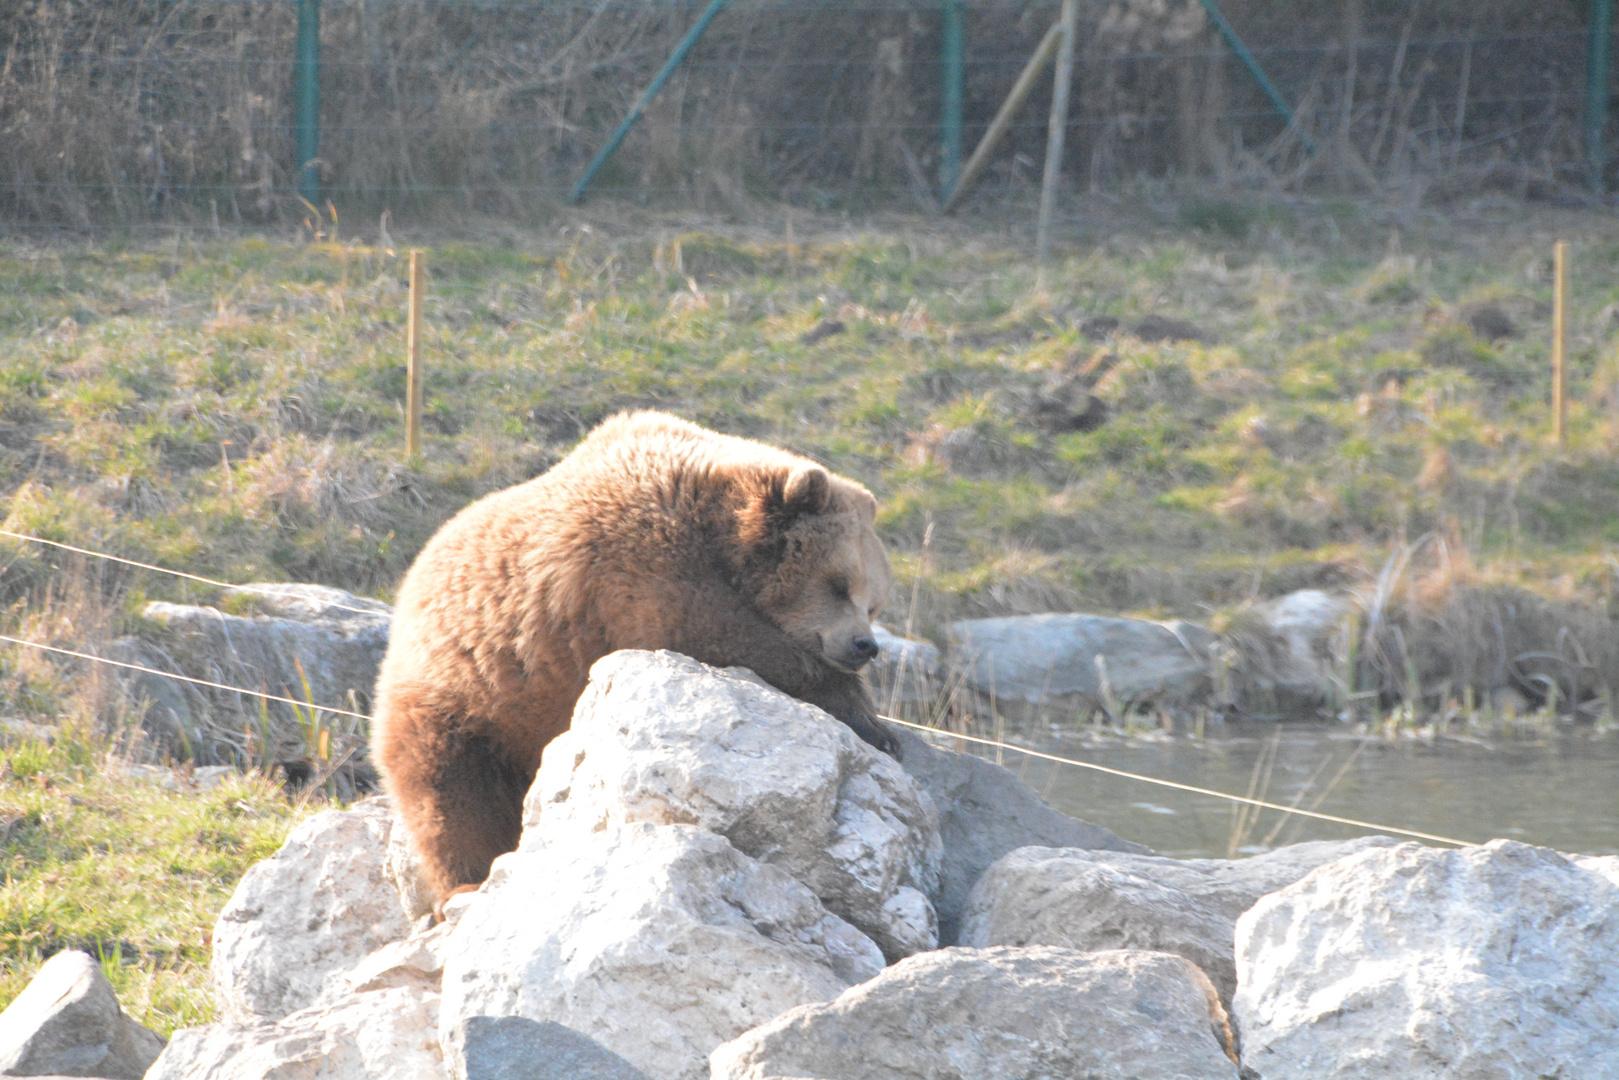 Bär beim Sonnenbaden im Wildpark Poing bei München